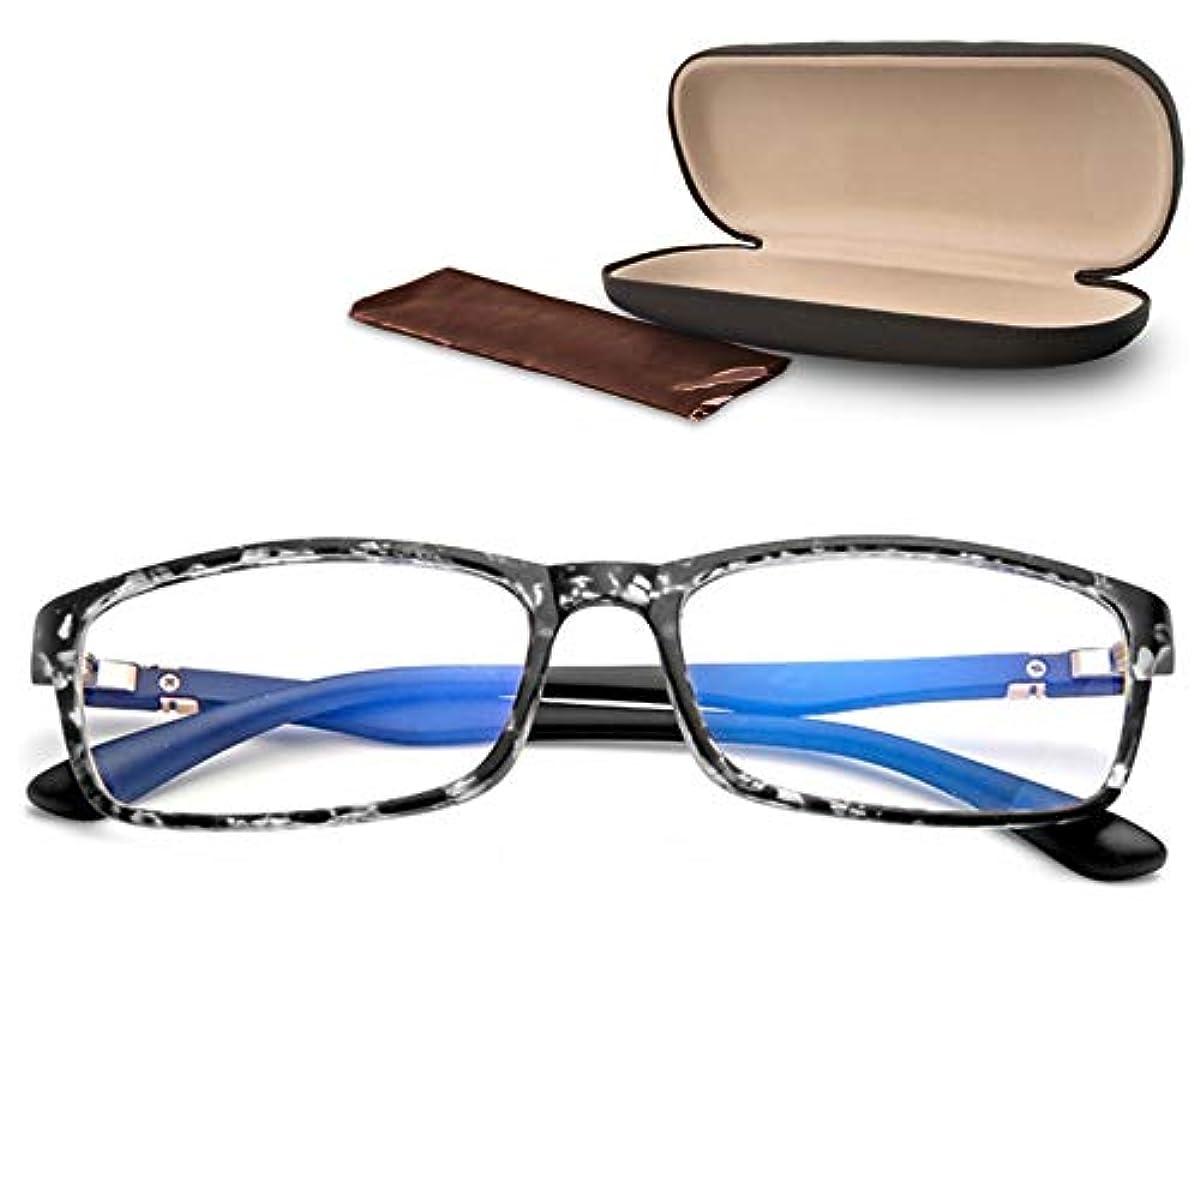 [해외] 【GLASSES TRUST】블루 라이트 컷 안경 PC용 PC 안경 UV컷 초경량 16G 패션 다테 안경 스퀘어